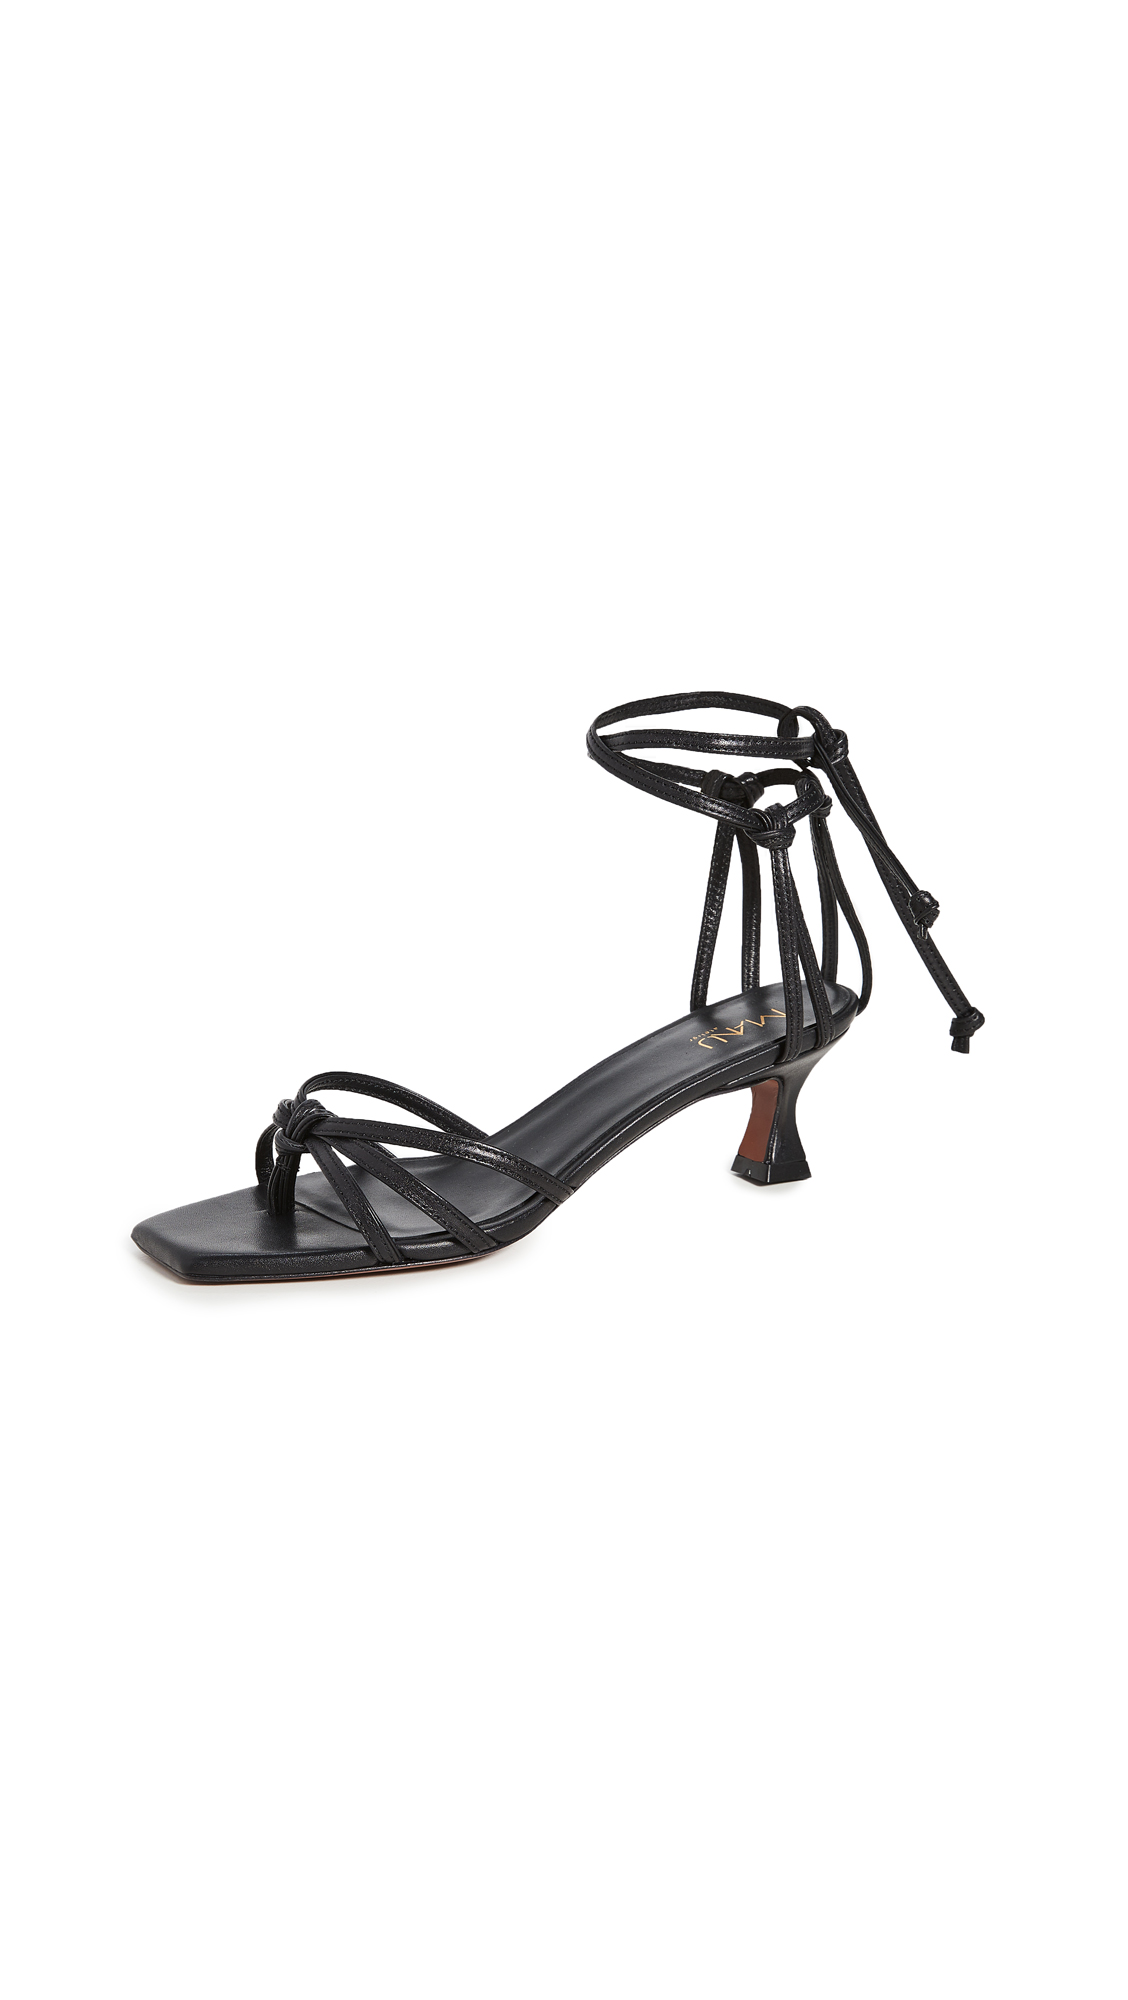 Buy MANU Atelier Lace Sandals online, shop MANU Atelier